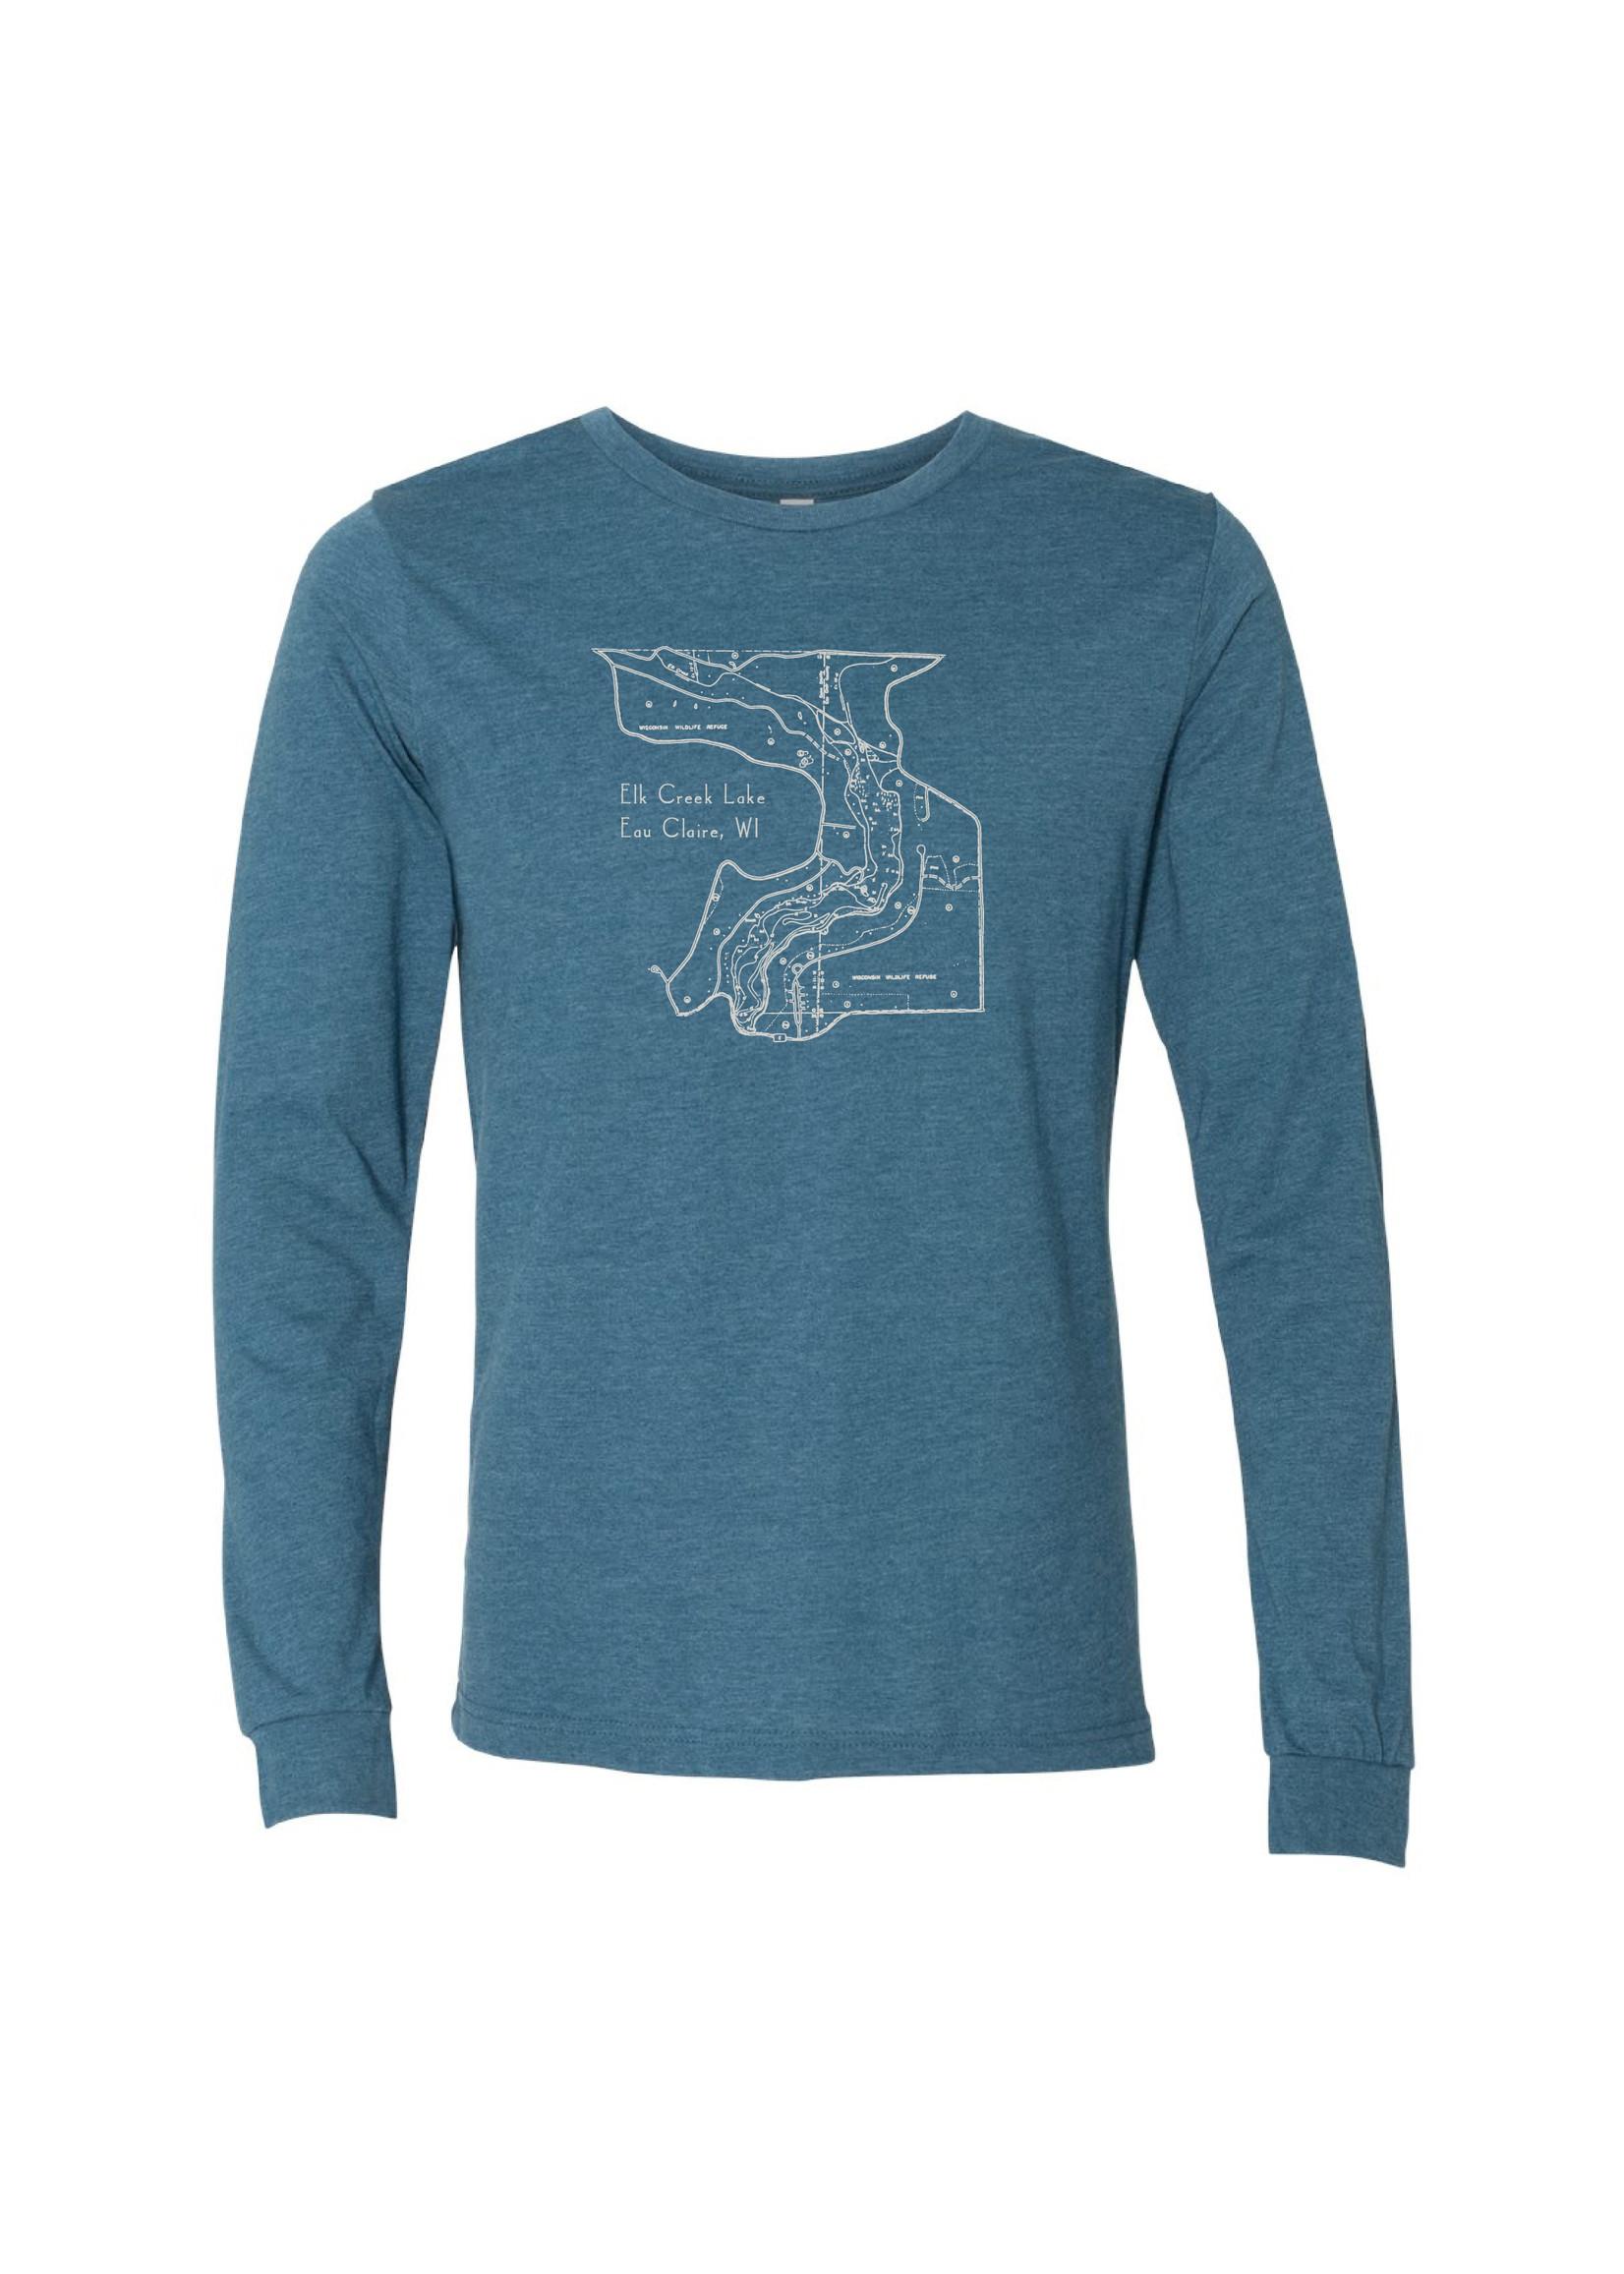 Elk Creek Lake Shirts